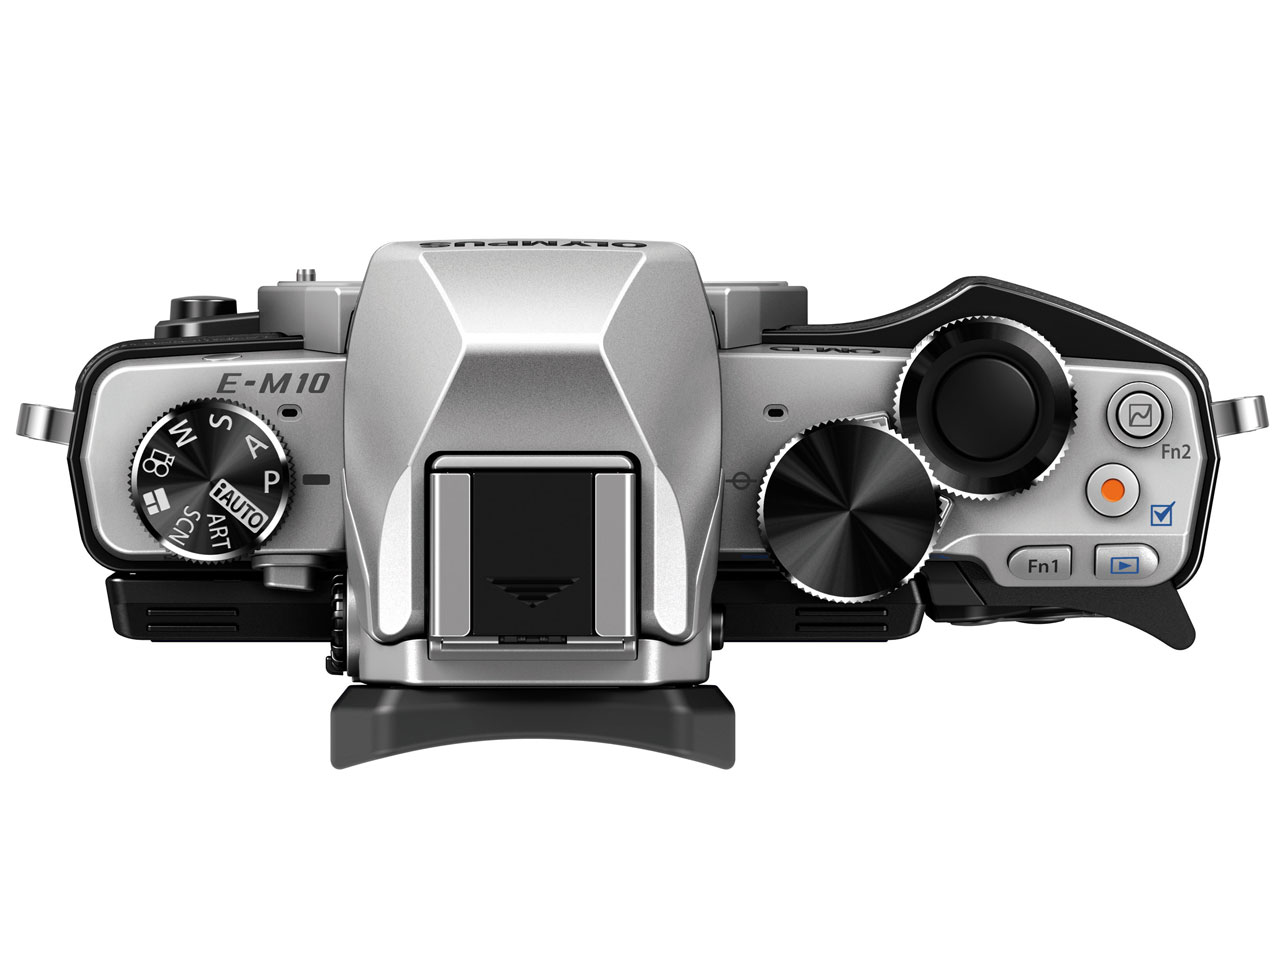 『本体 上面』 OLYMPUS OM-D E-M10 ボディ [シルバー] の製品画像